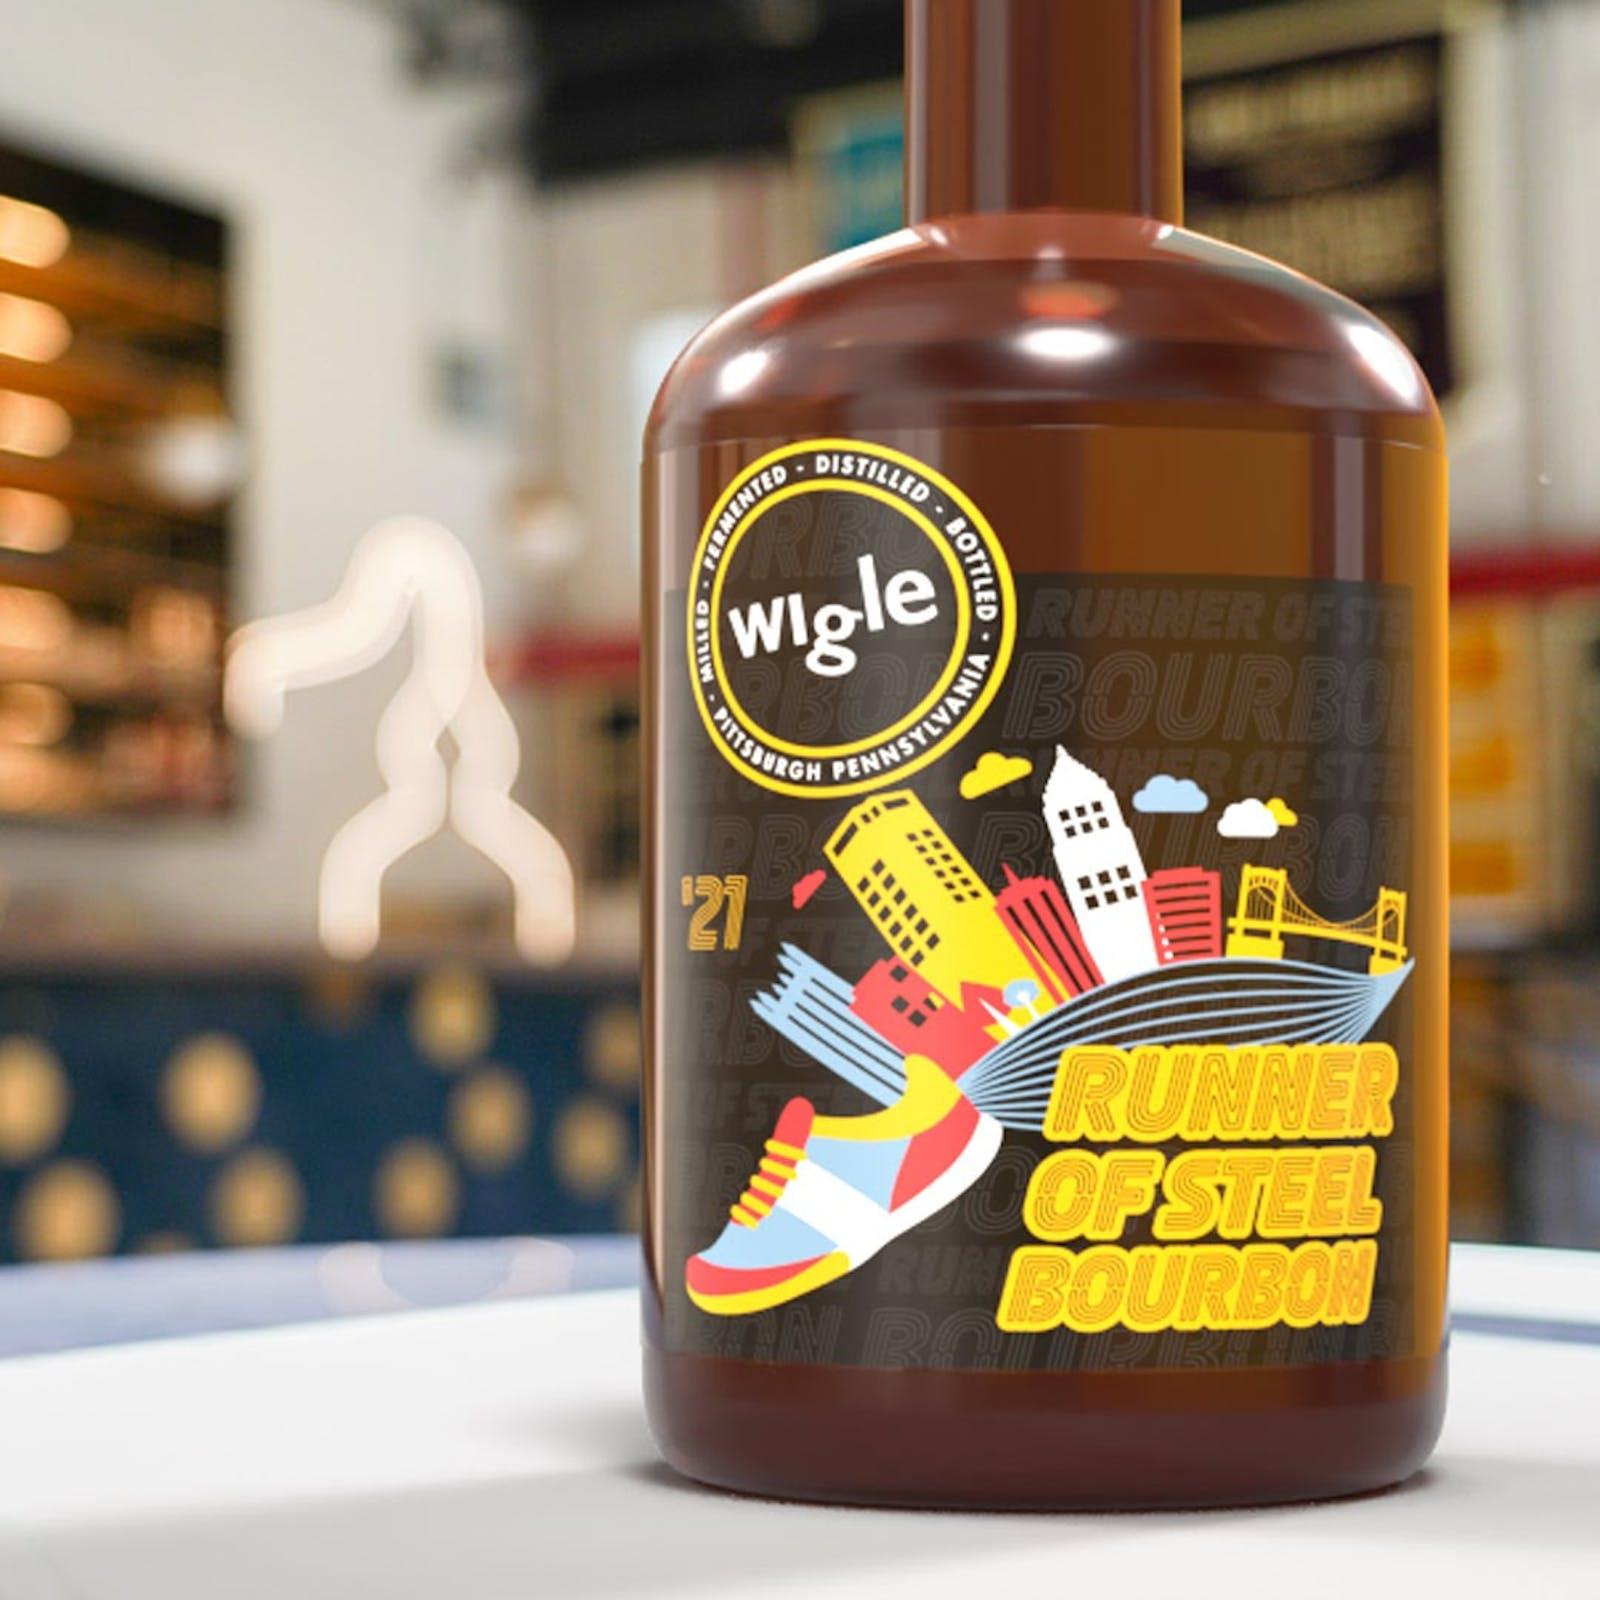 Bottle of Wigle Whiskey